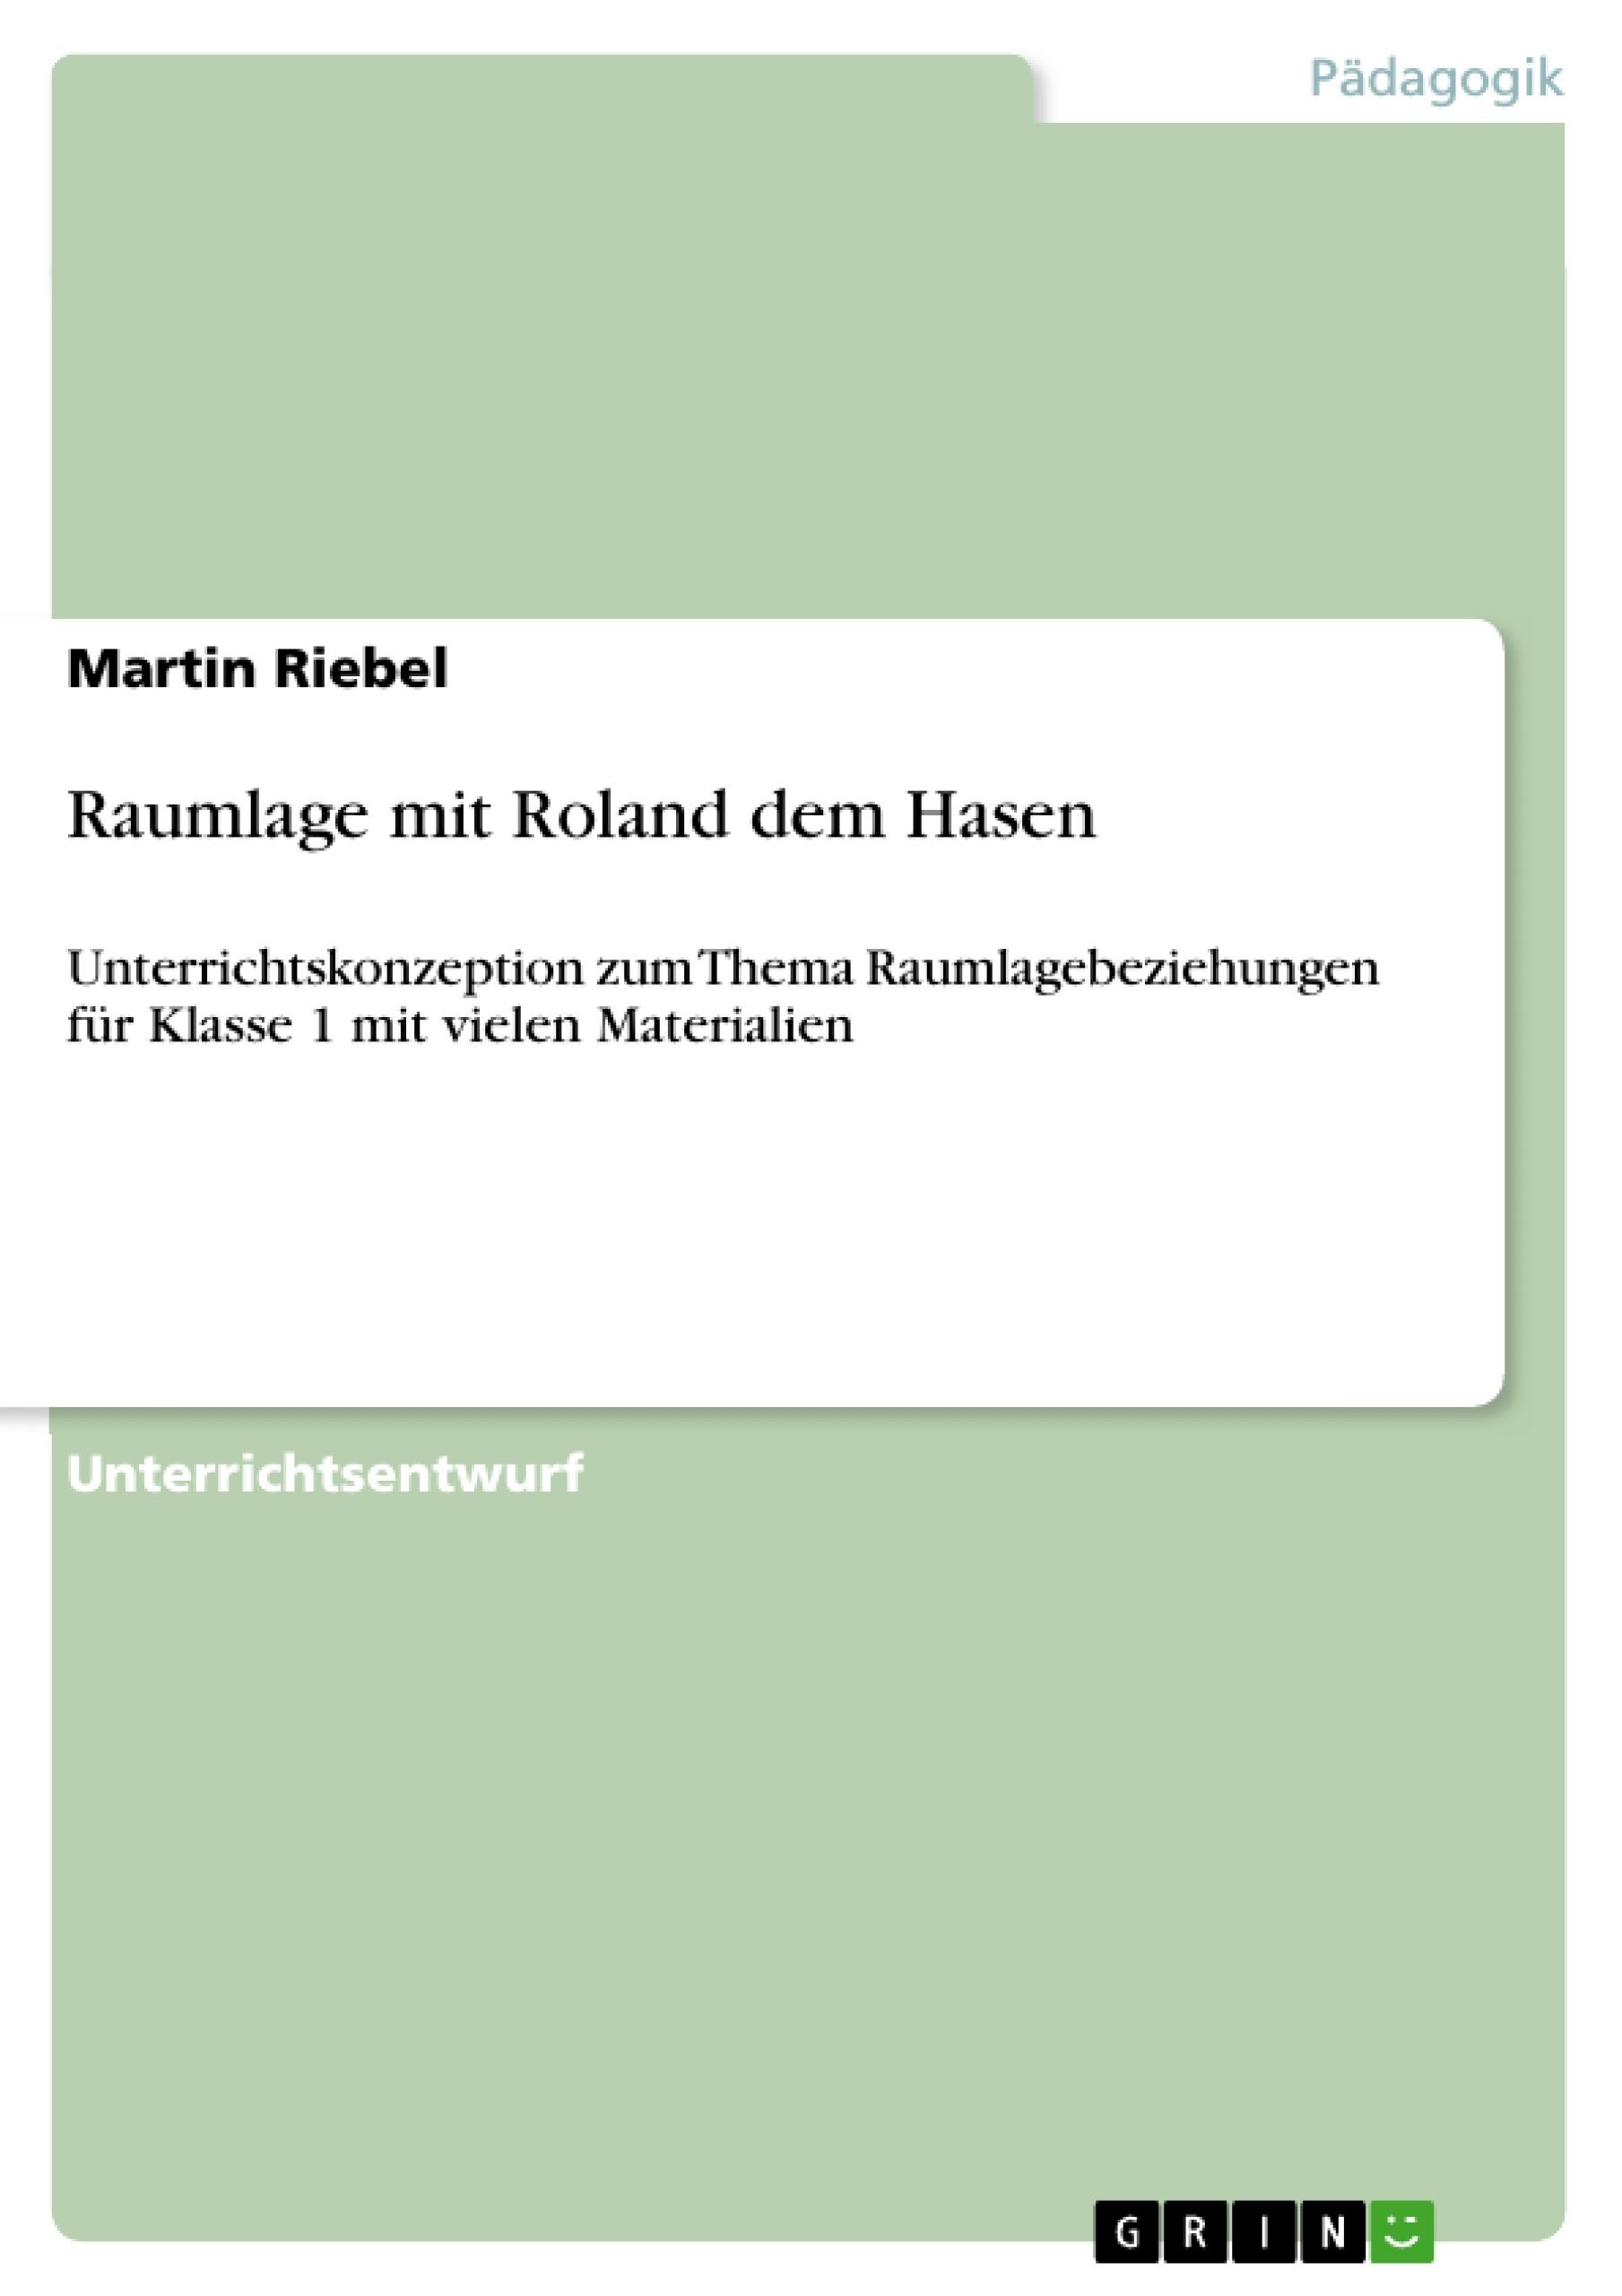 Raumlage mit Roland dem Hasen | Masterarbeit, Hausarbeit ...